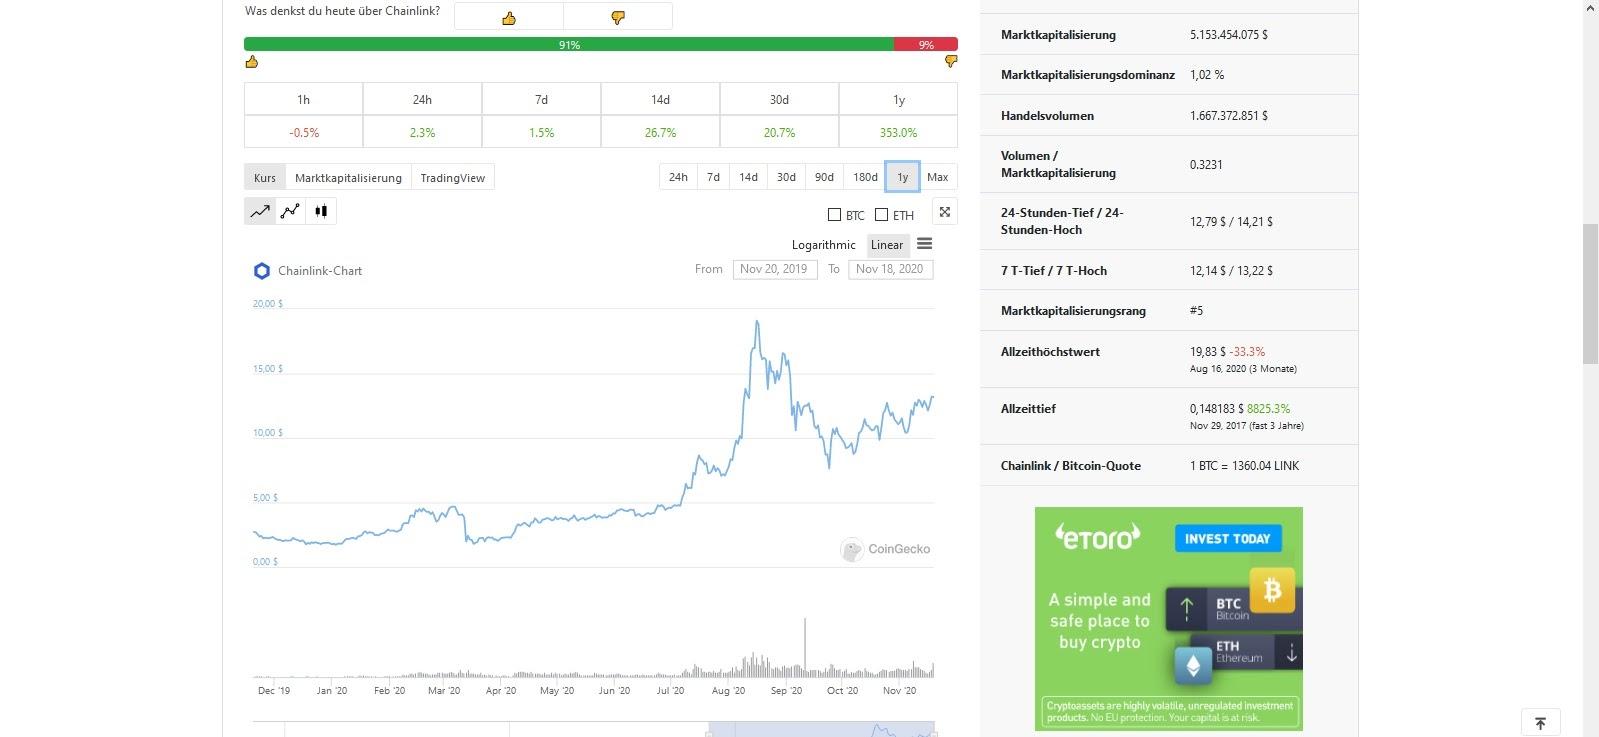 L'évolution des prix Chainlink (LINK) en un coup d'œil